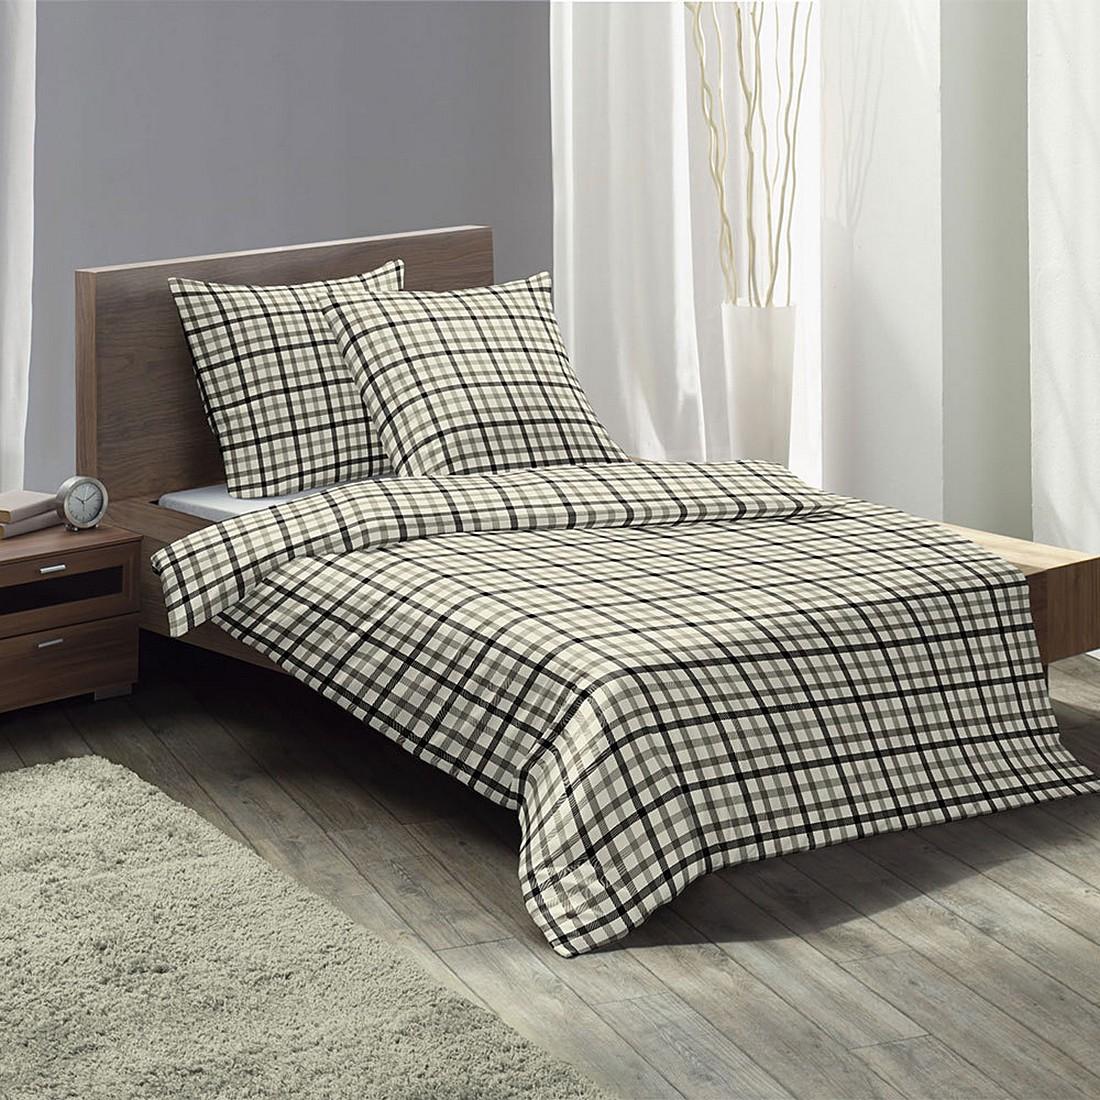 bettw sche lech baumwolle schwarz 155x220 cm 80x80 cm fleuresse g nstig online kaufen. Black Bedroom Furniture Sets. Home Design Ideas